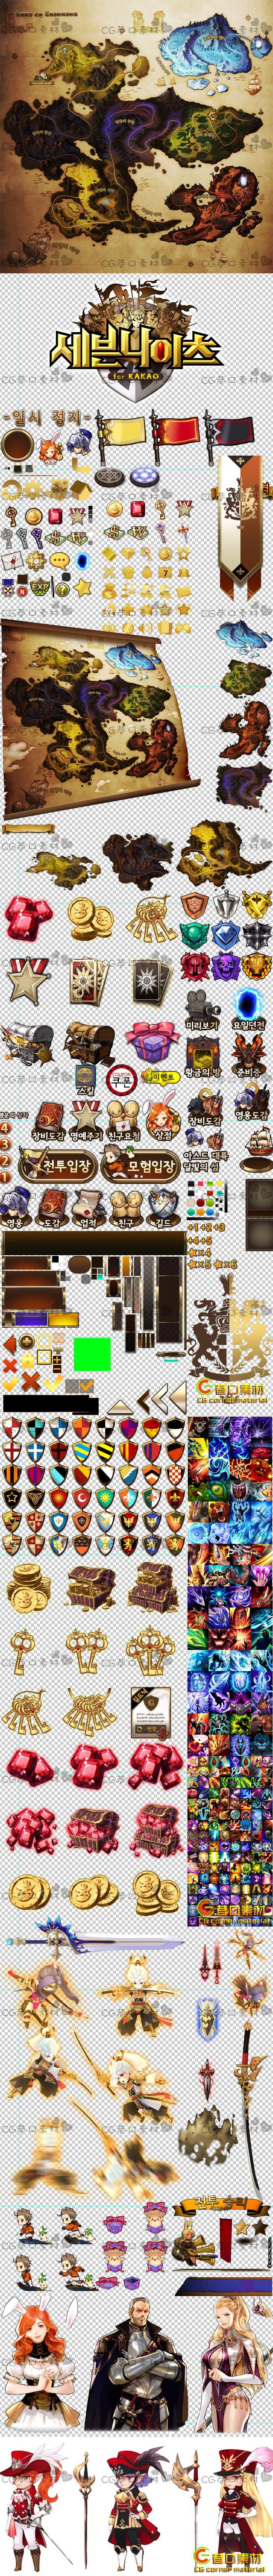 韩国手游 7英雄/七骑士/音效/UI界面全套游戏美术资源Y035-淘宝网全球站